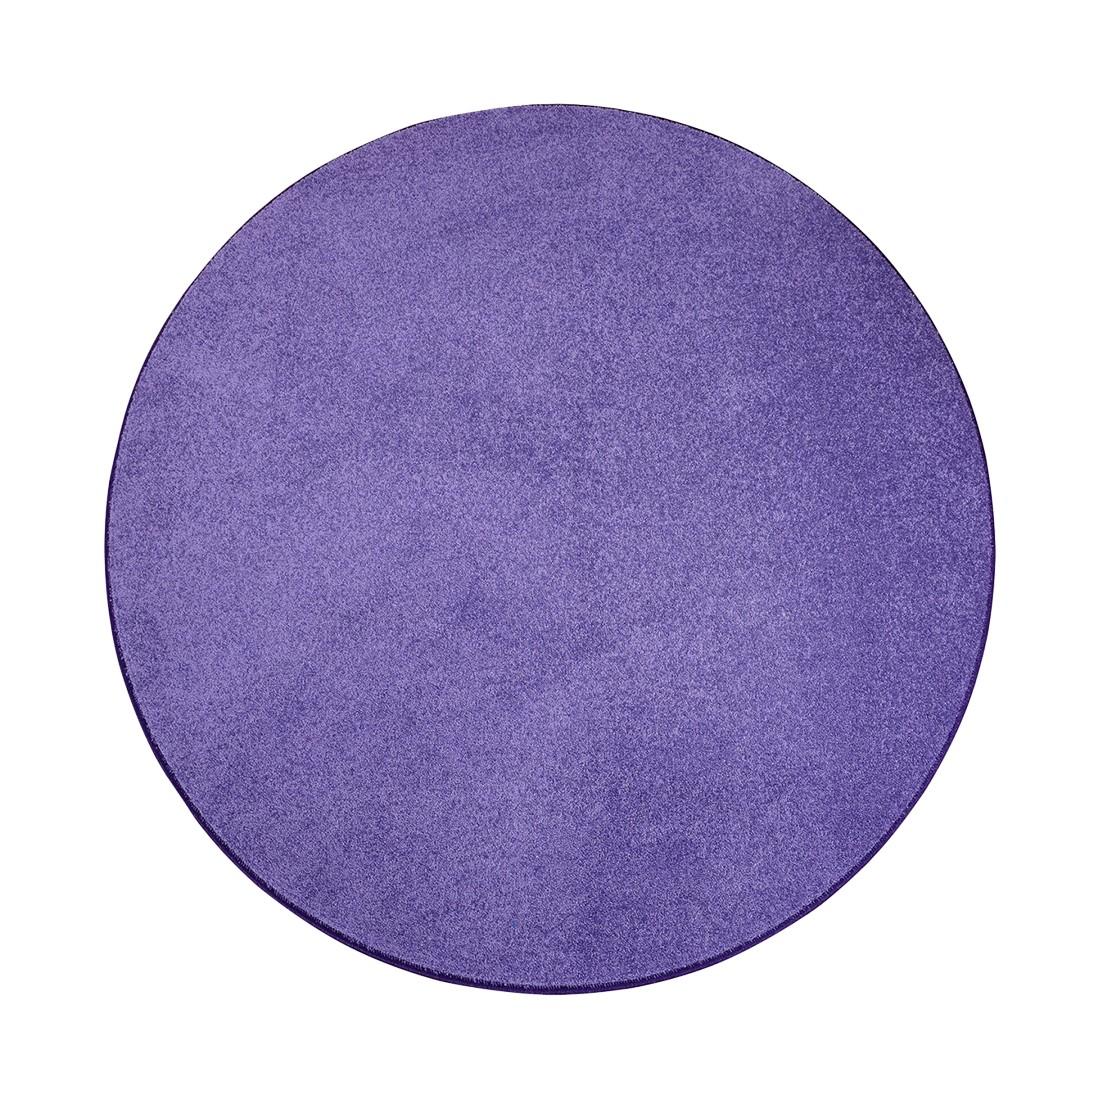 Teppich Burbon – Flieder – Durchmesser: 100 cm, Testil online bestellen